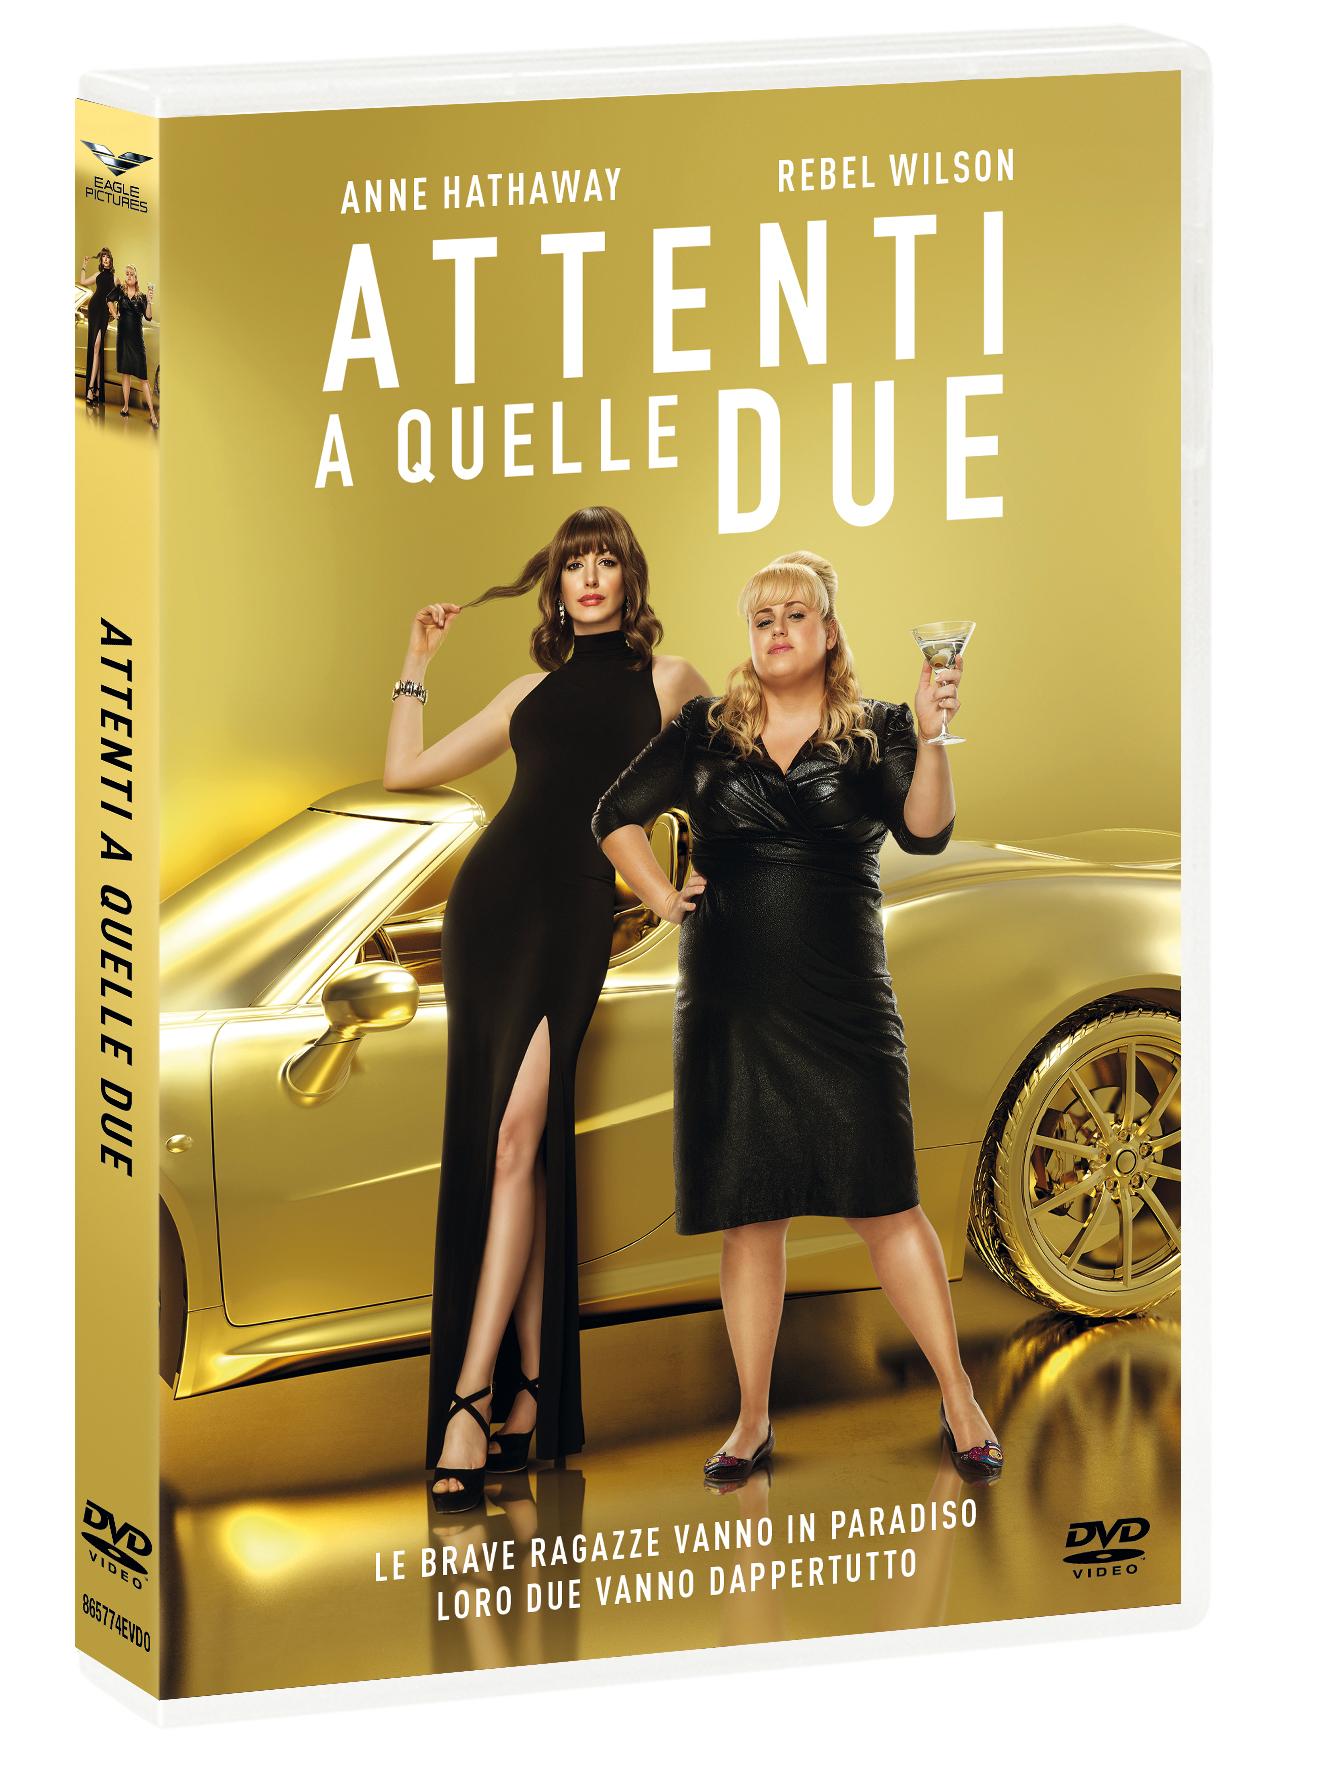 ATTENTI A QUELLE DUE (DVD)